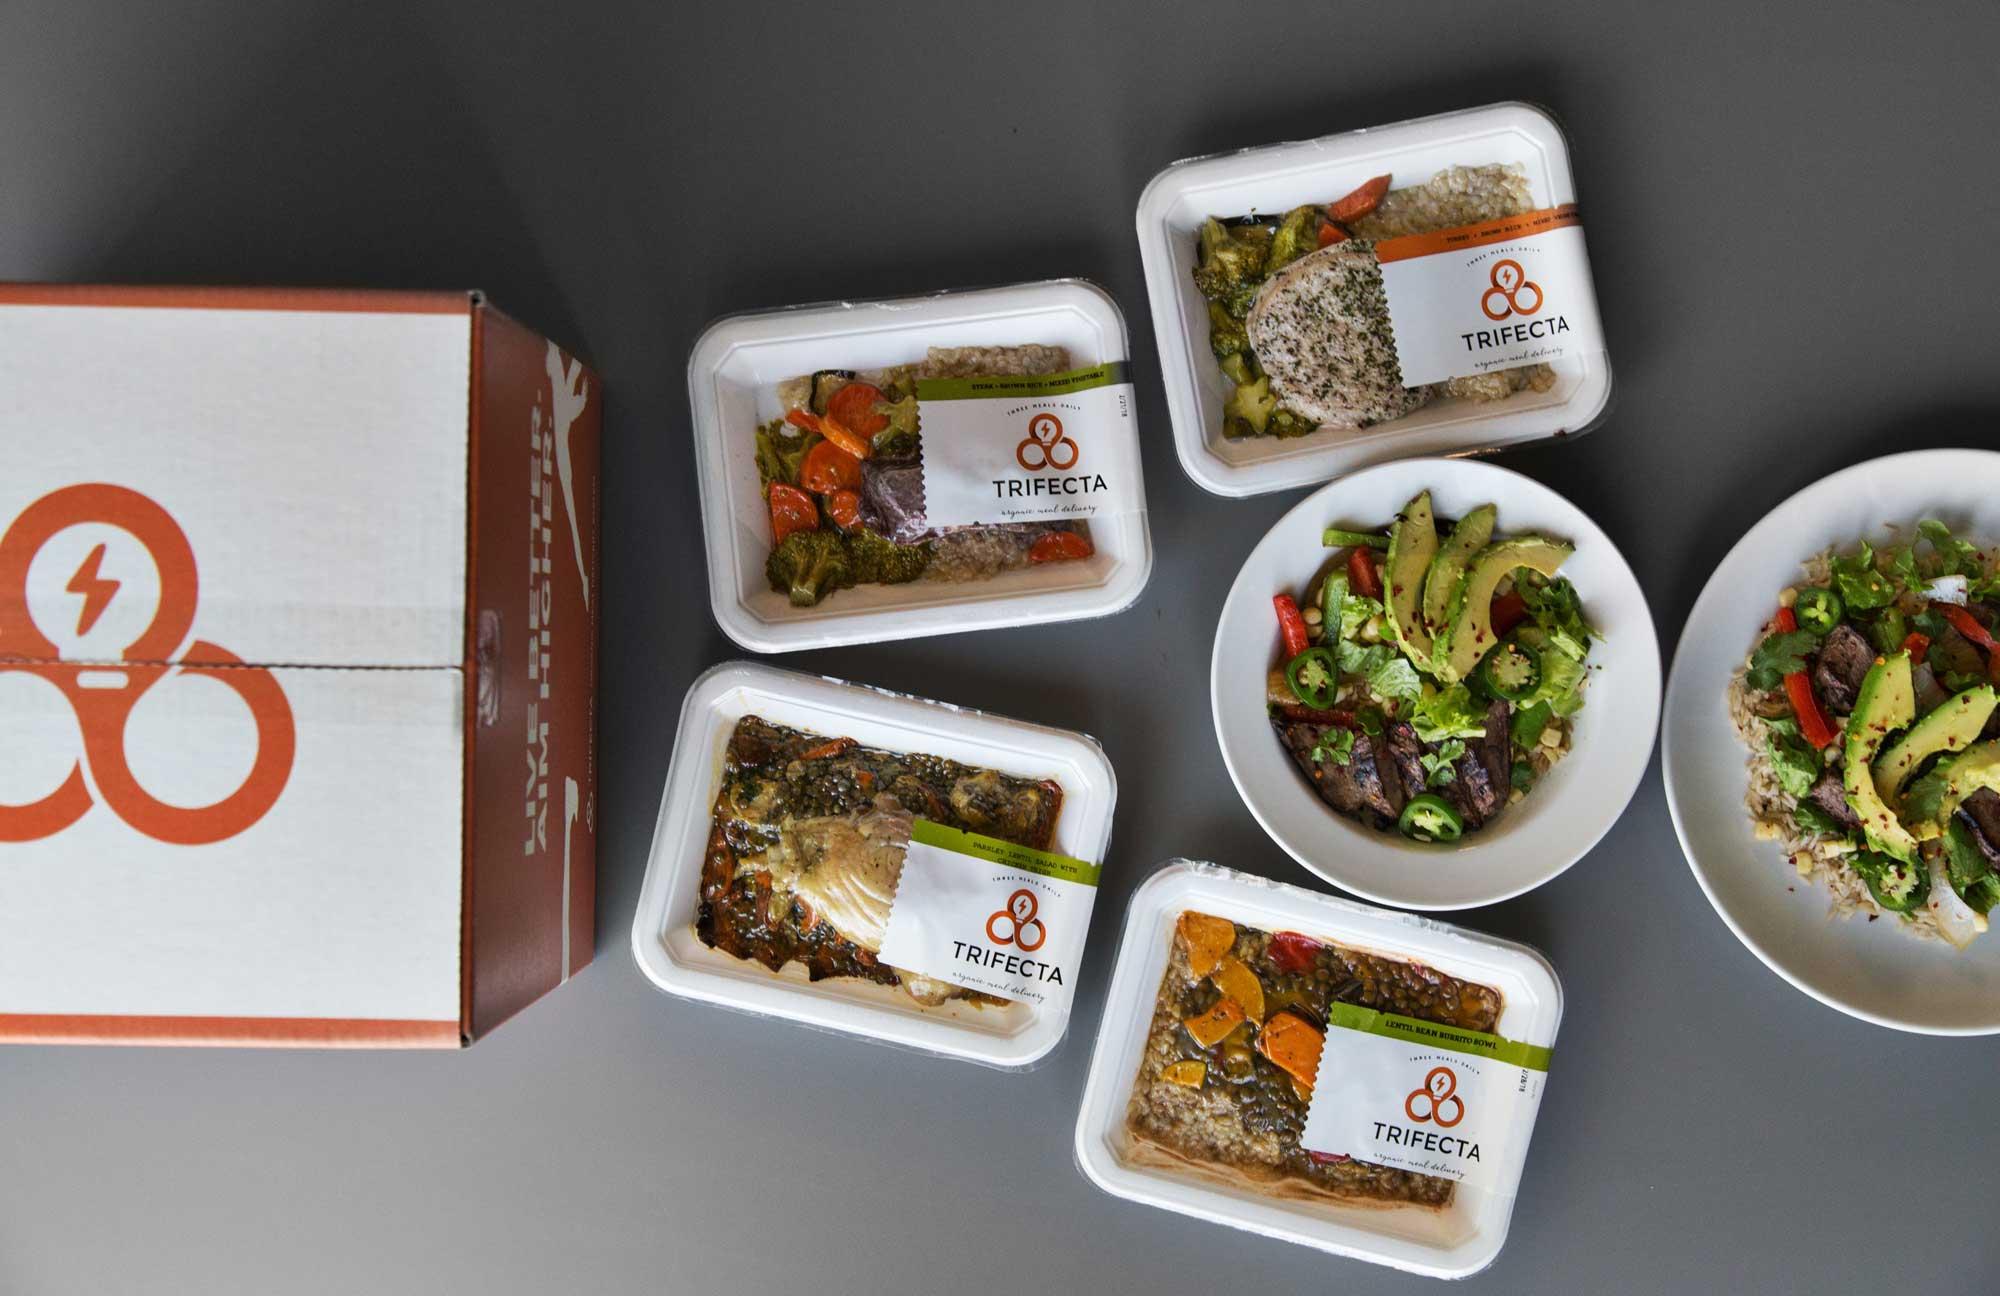 Trifecta box and food-main